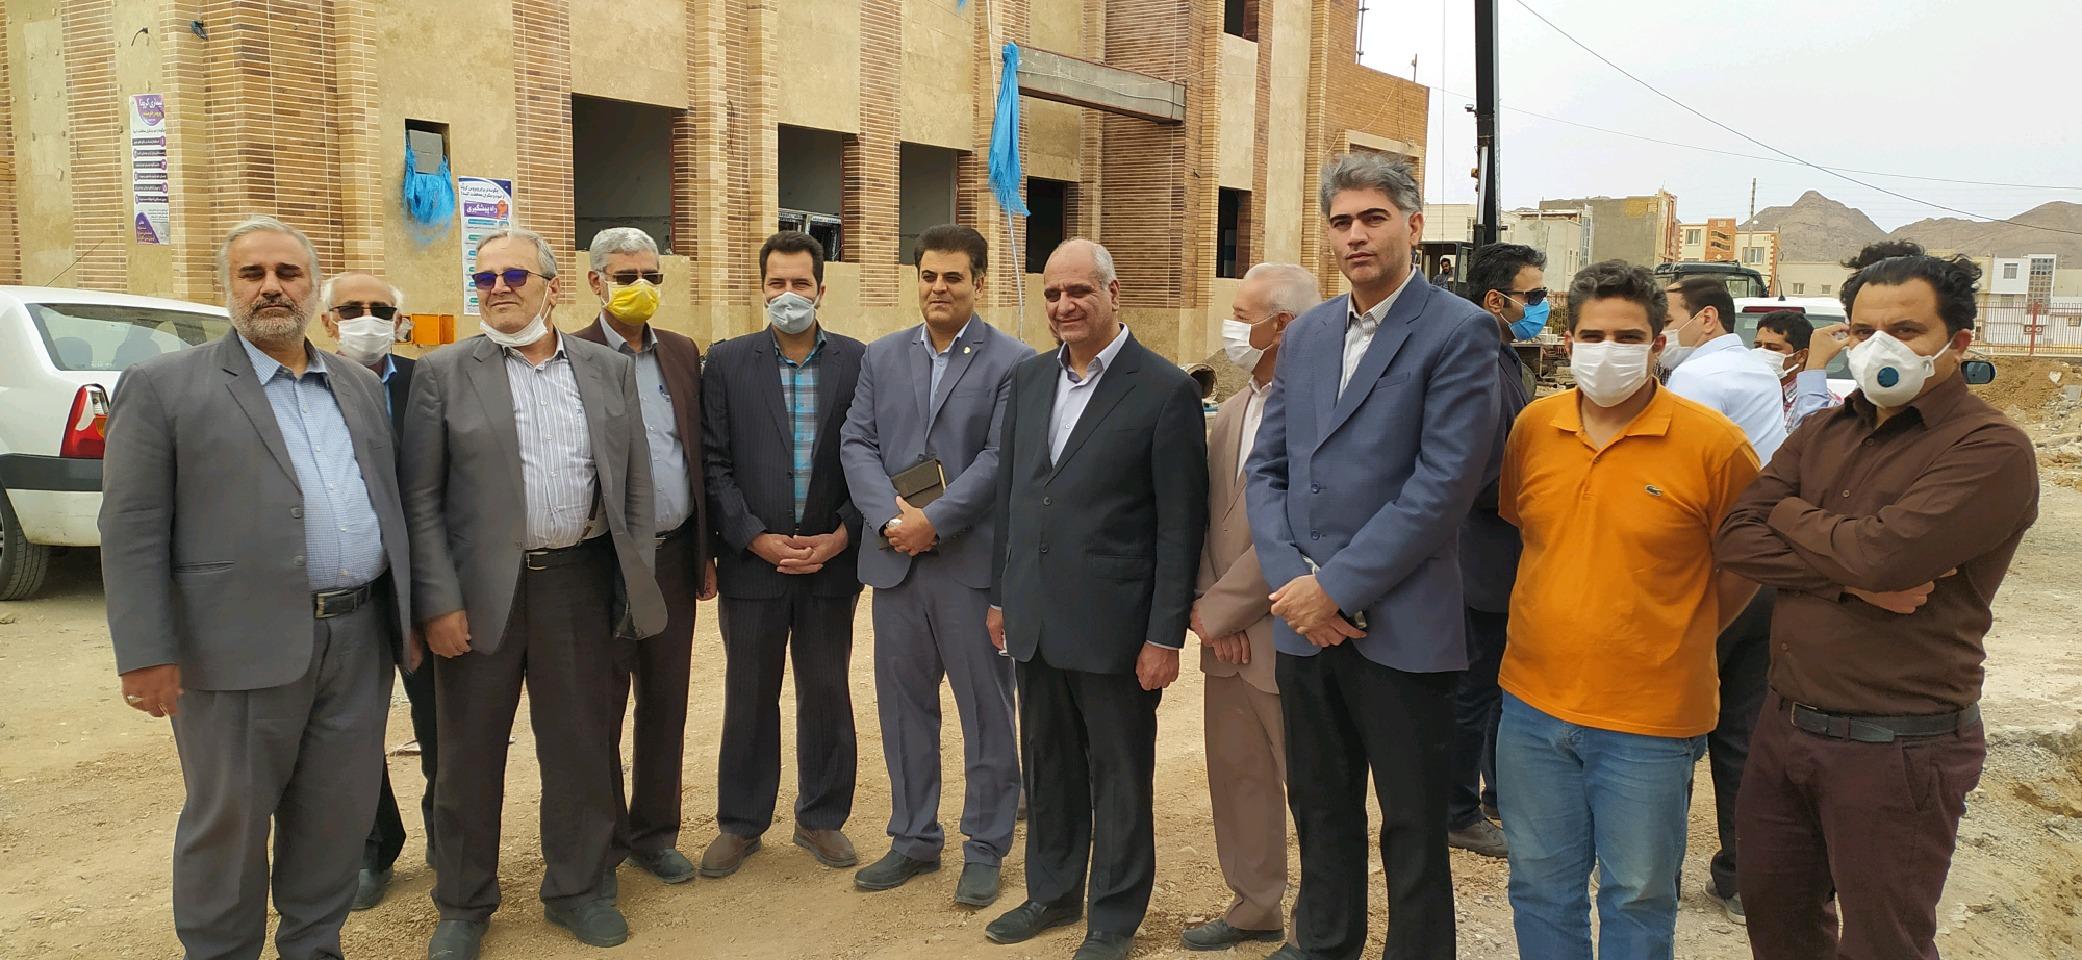 افتتاح درمانگاه تامین اجتماعی خواف تا مهرماه1399